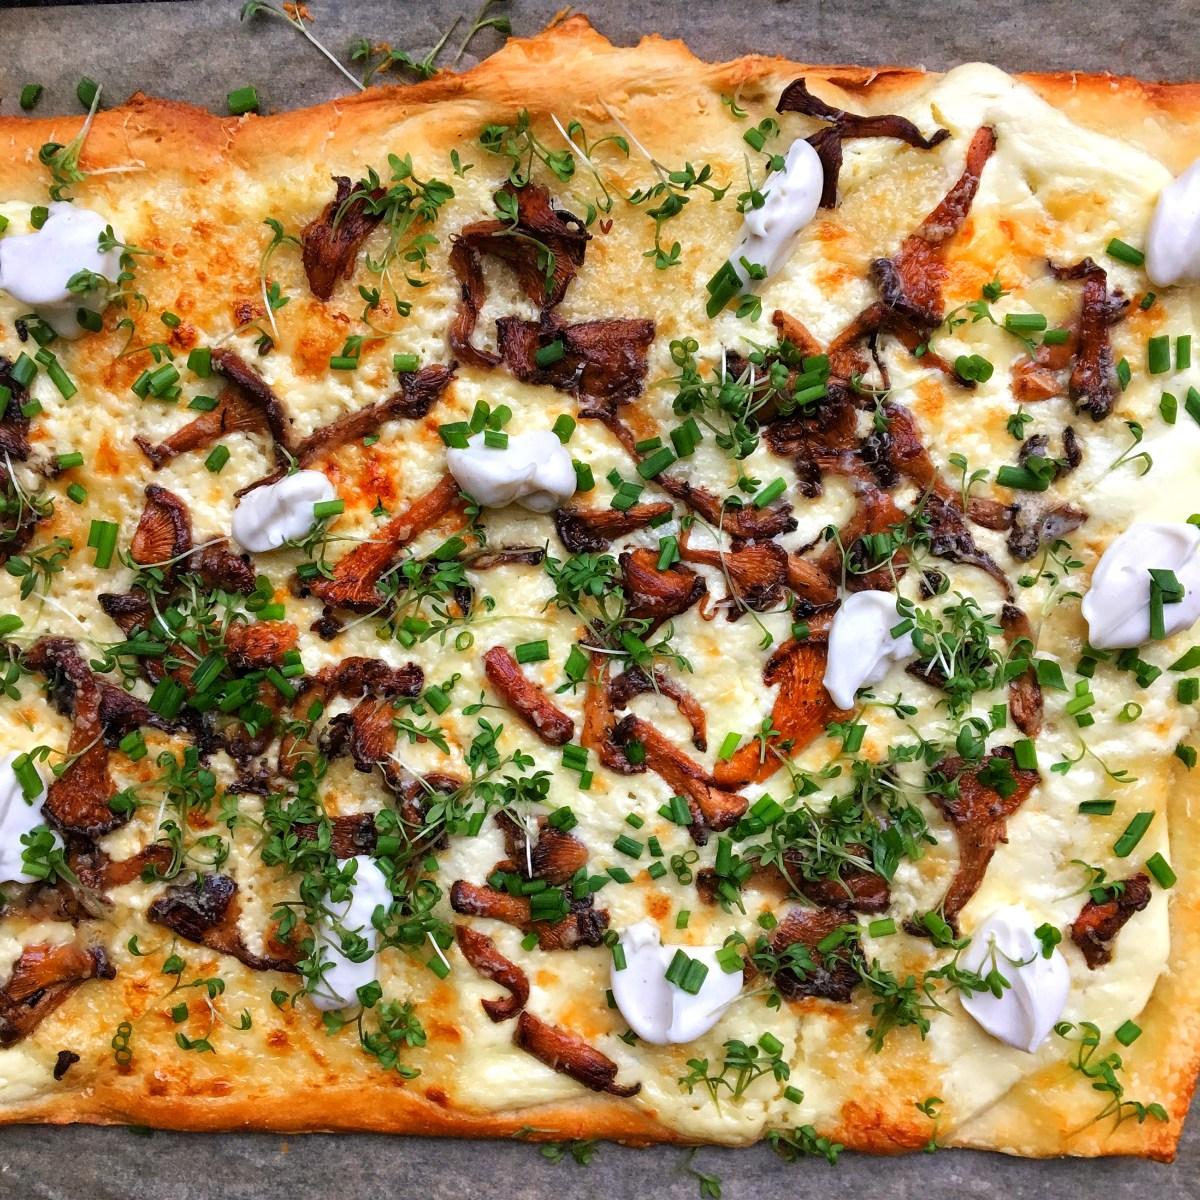 kantarellpizza med smörstekta kantareller, tryffelkräm, krasse, ruccola och gruyere